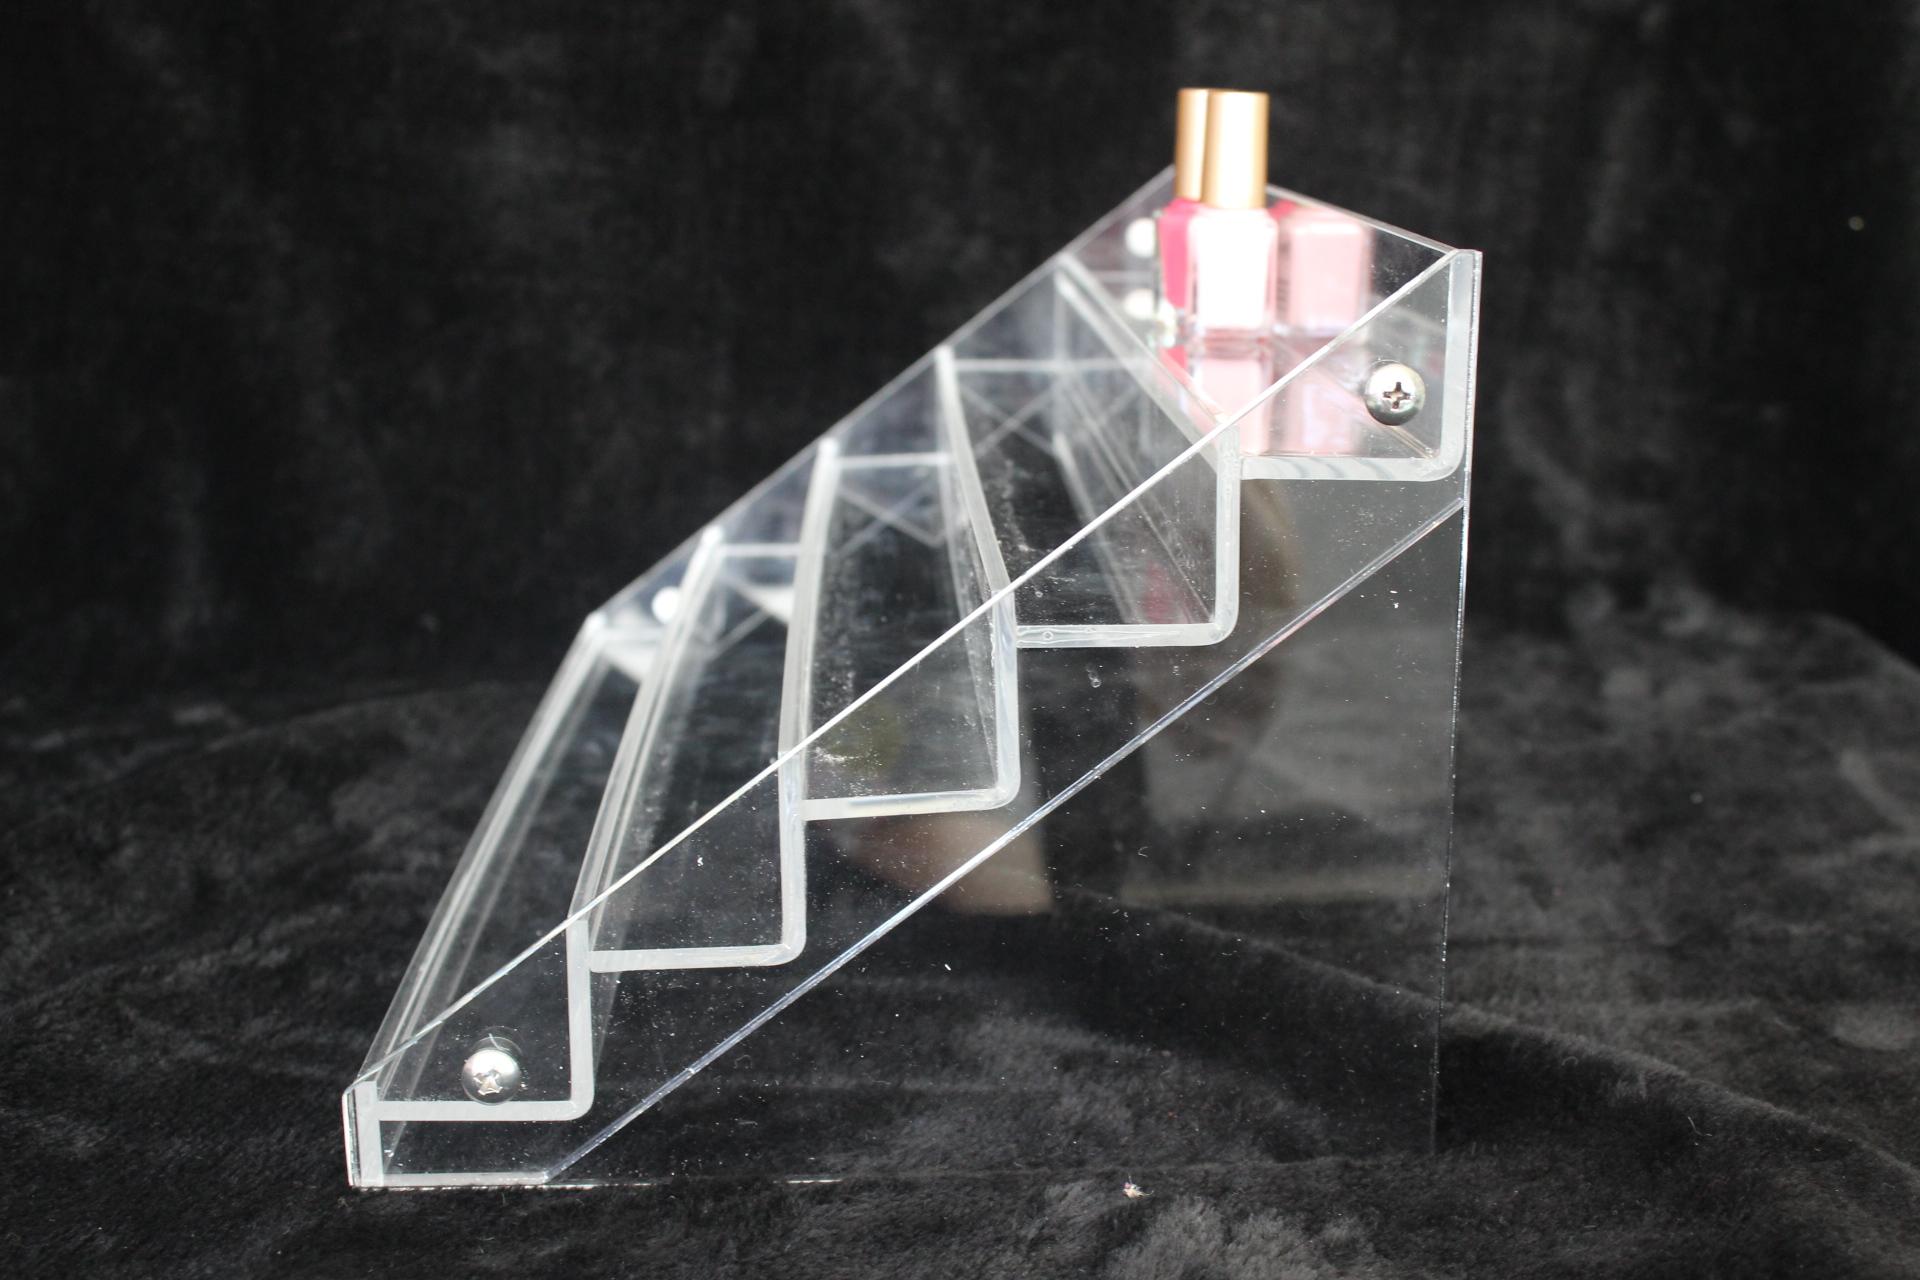 亚克力_亚克力桌面口红指甲护肤品香水收纳盒 透明抽屉式化妆